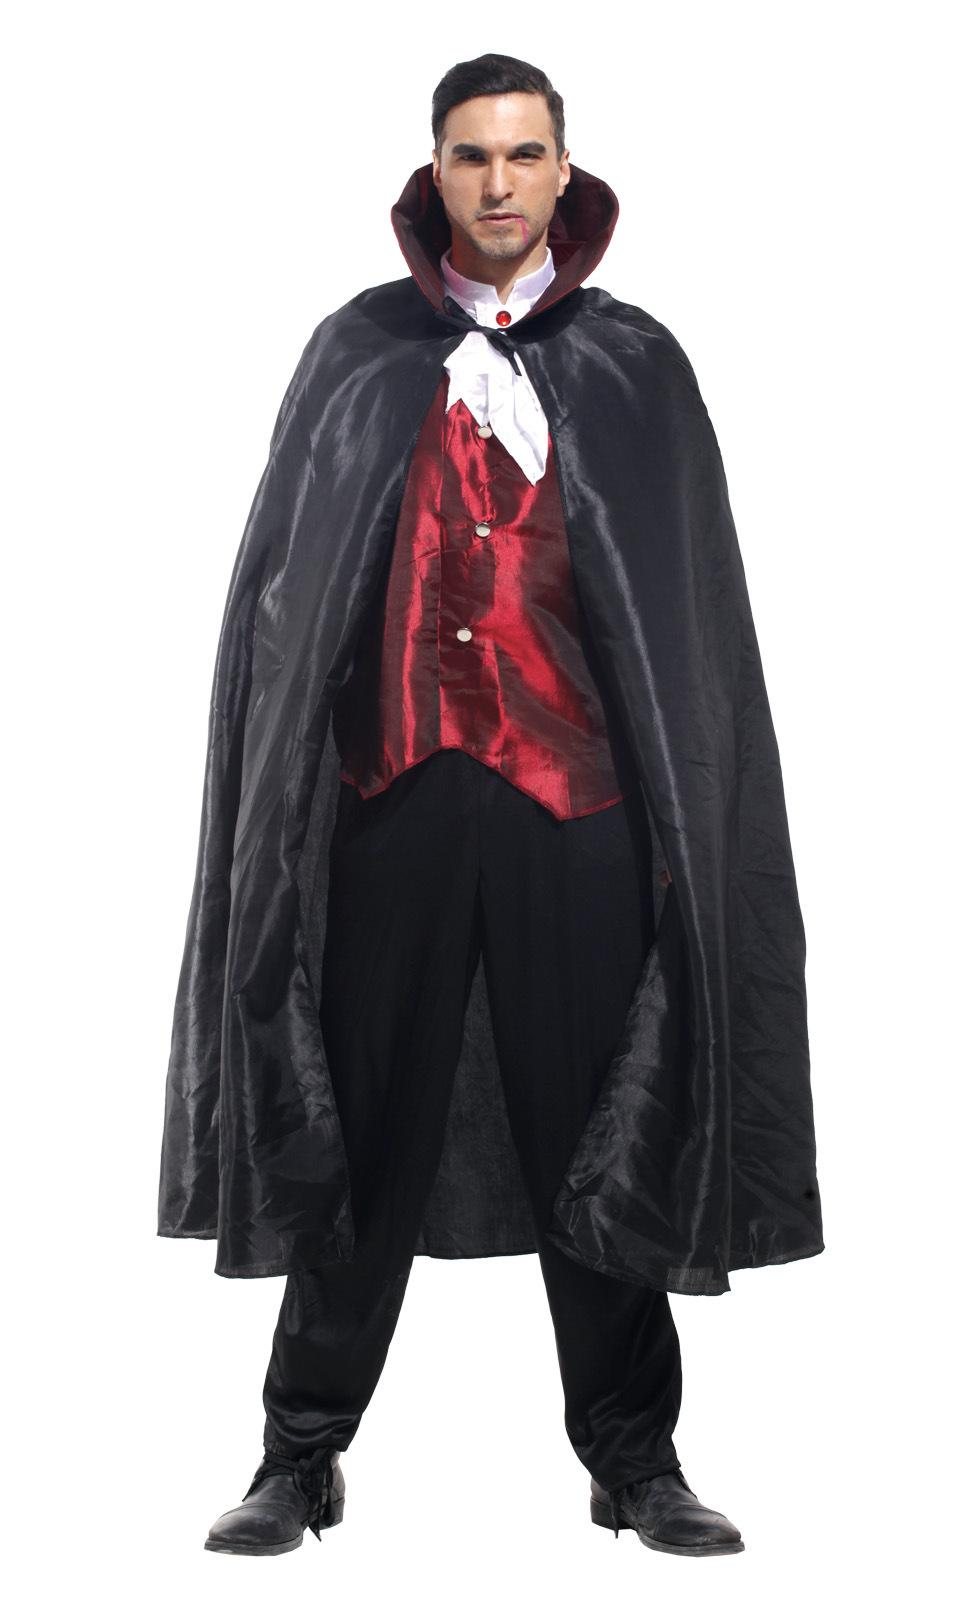 NUOVO Deluxe lungo mantello di velluto Vampiro Dracula Halloween Costume Mantello